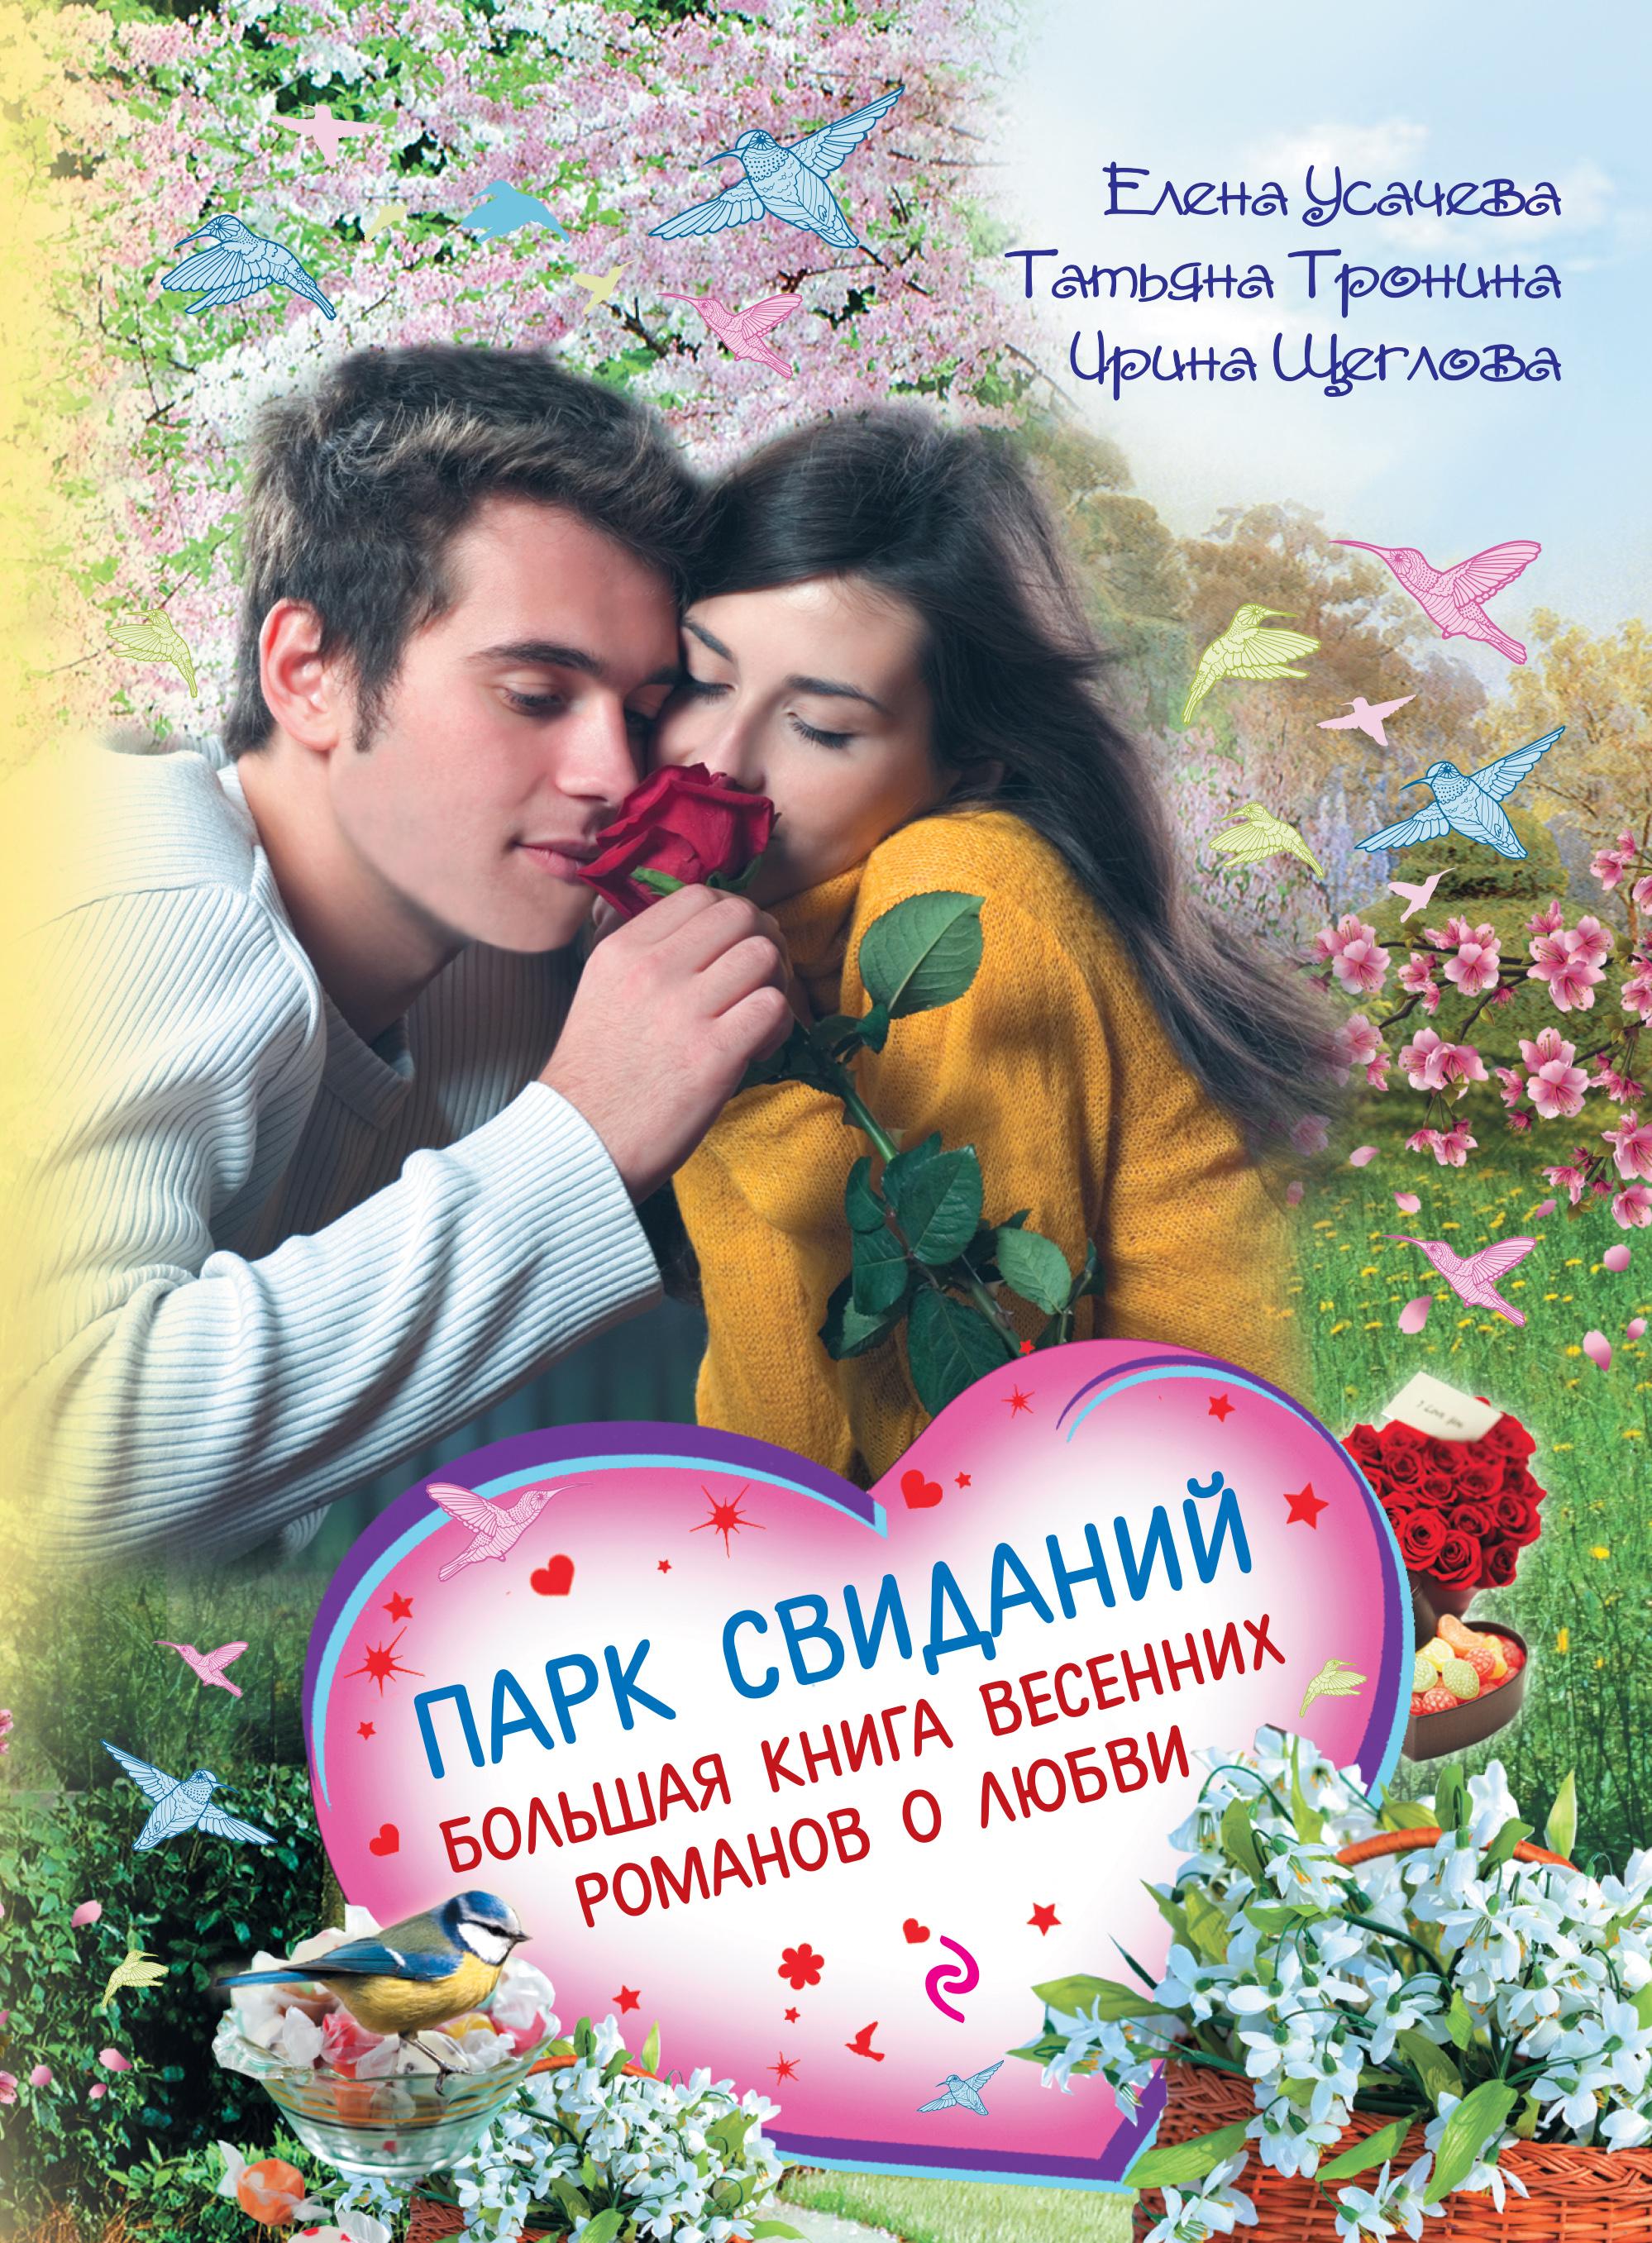 Парк свиданий. Большая книга весенних романов о любви ( Татьяна Тронина  )